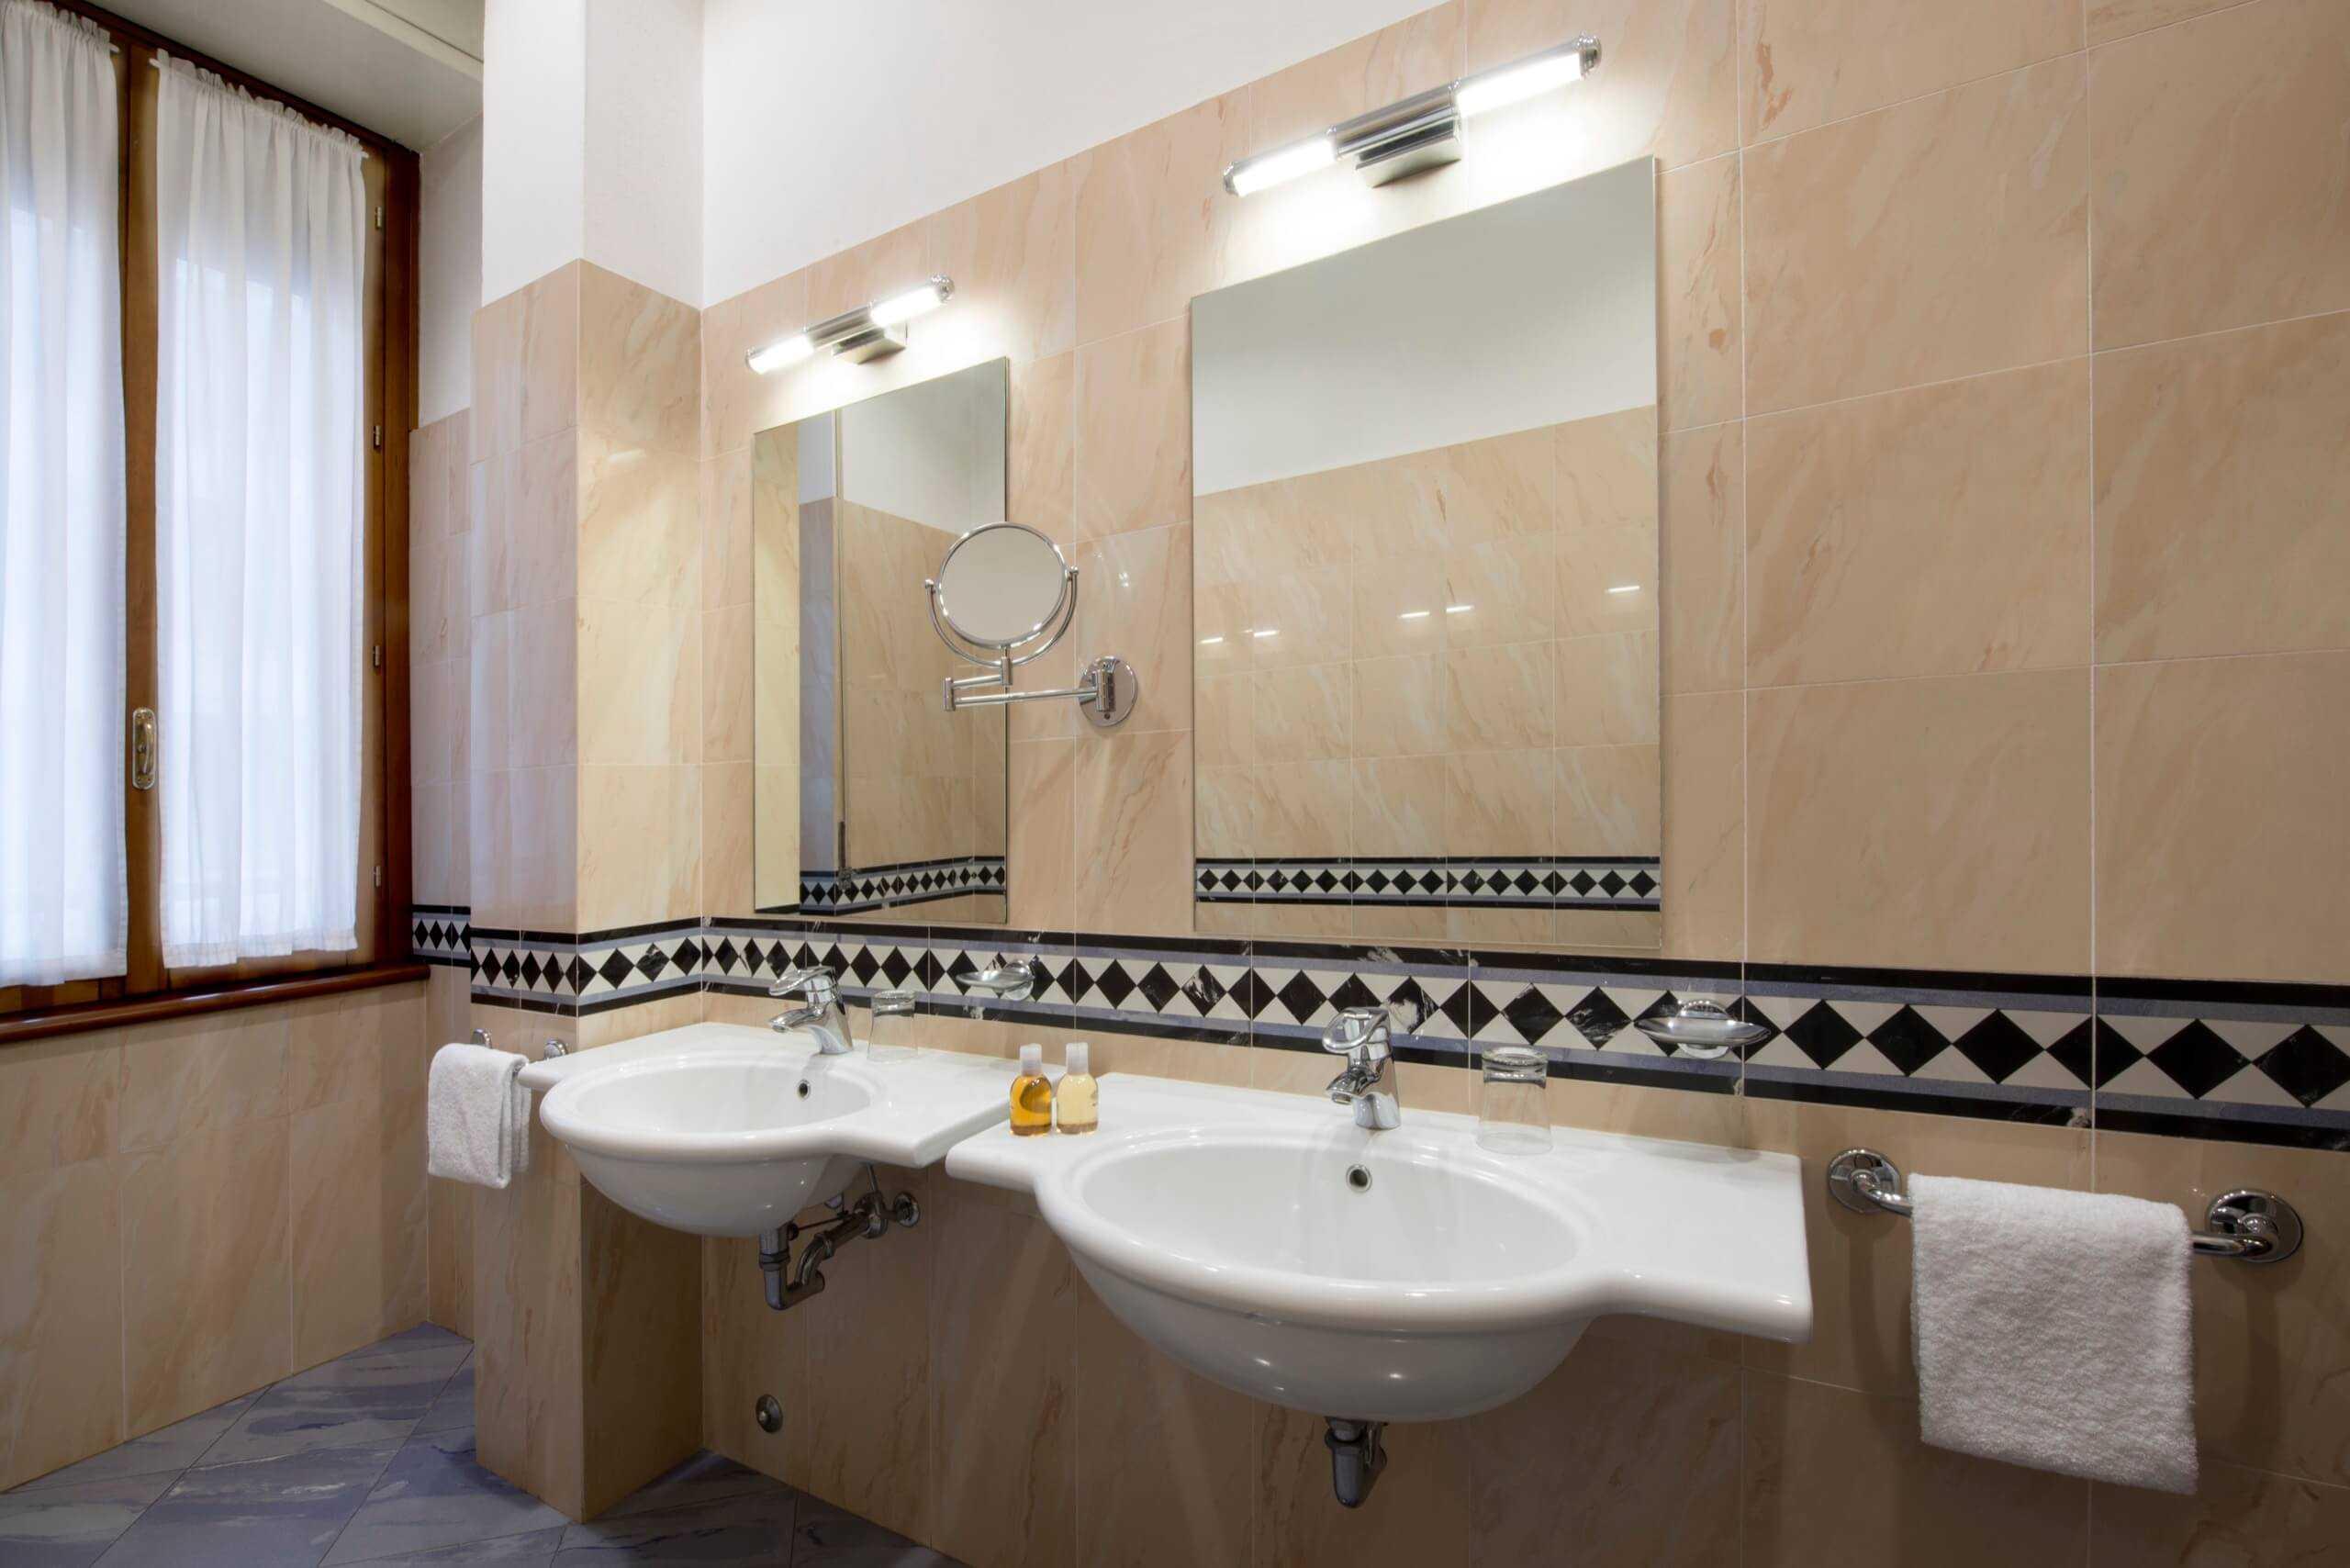 Bagno In Comune Hotel : Camera matrimoniale con bagno in comune u hotel tirreno milano